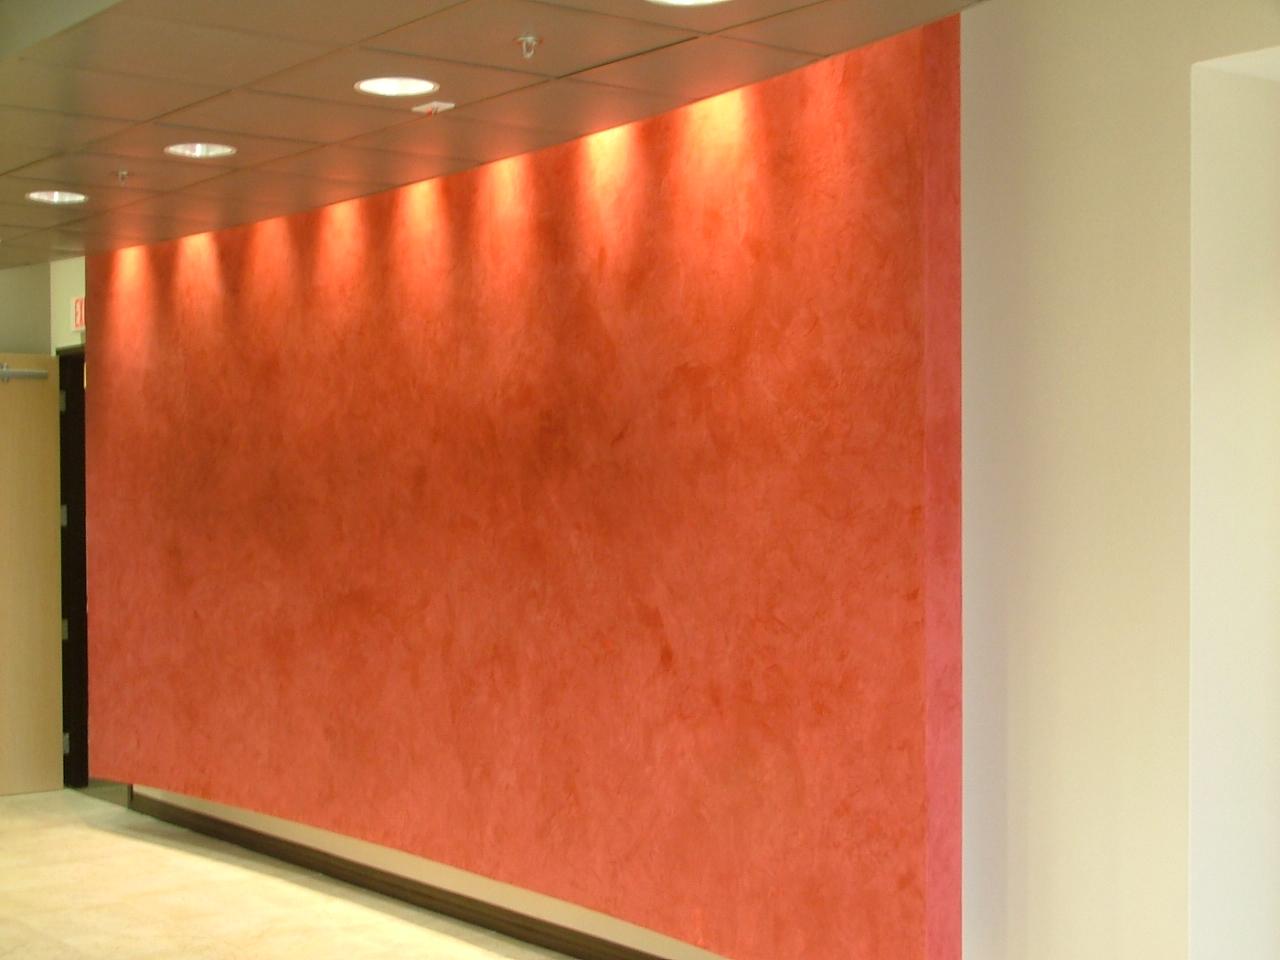 именно увлечение декоративная структура на стене фото российского шоу-бизнеса последнее